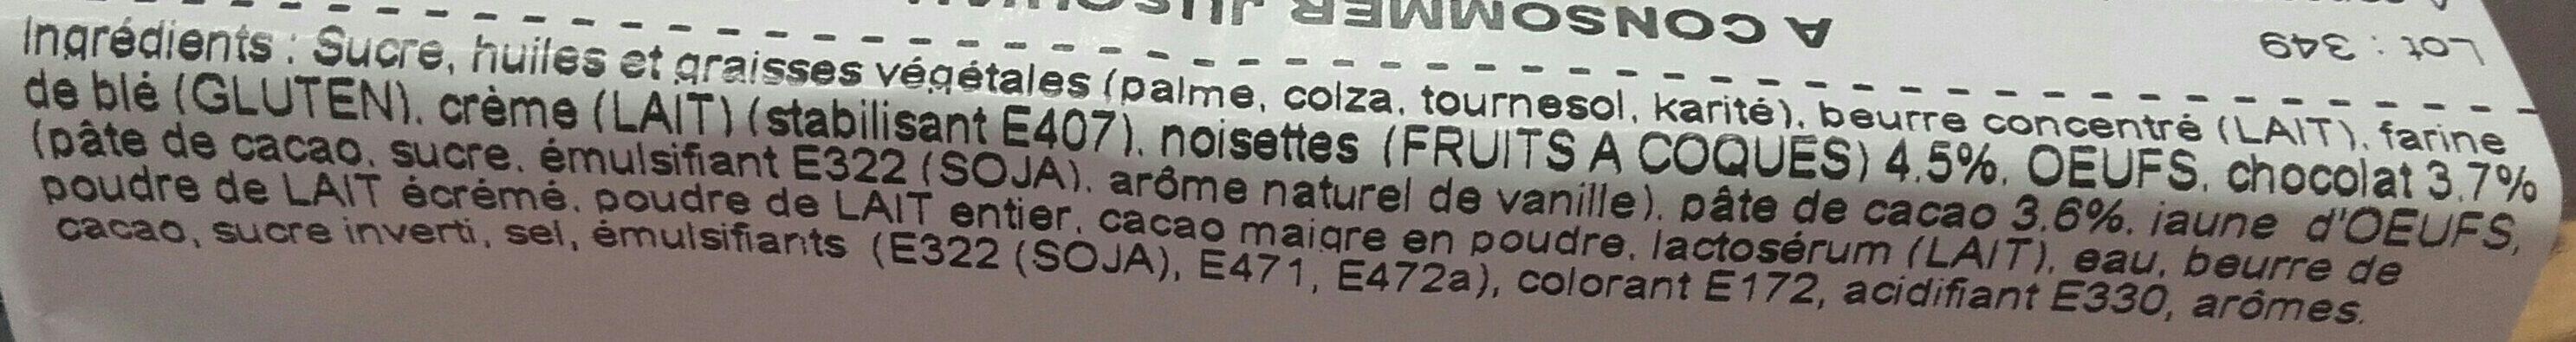 Tartelettes chocolat noisettes - Ingrédients - fr